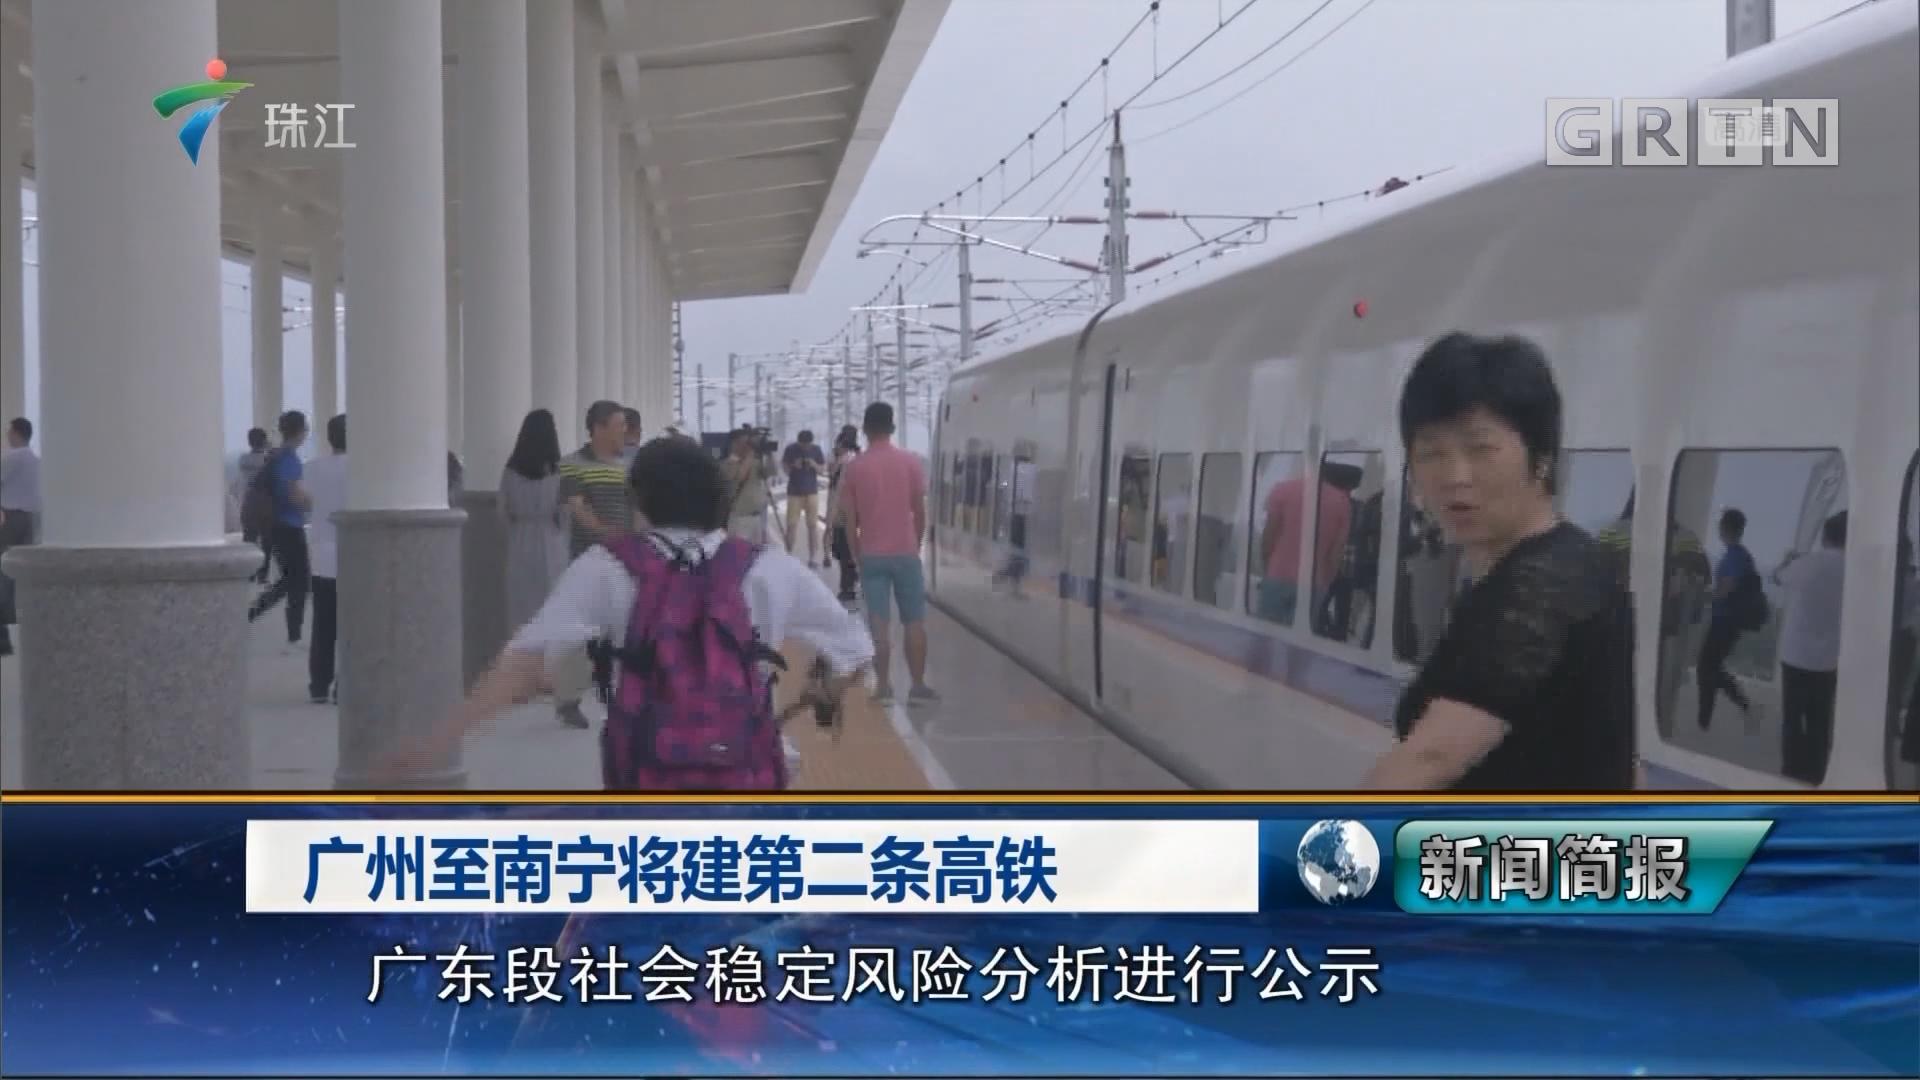 广州至南宁将建第二条高铁